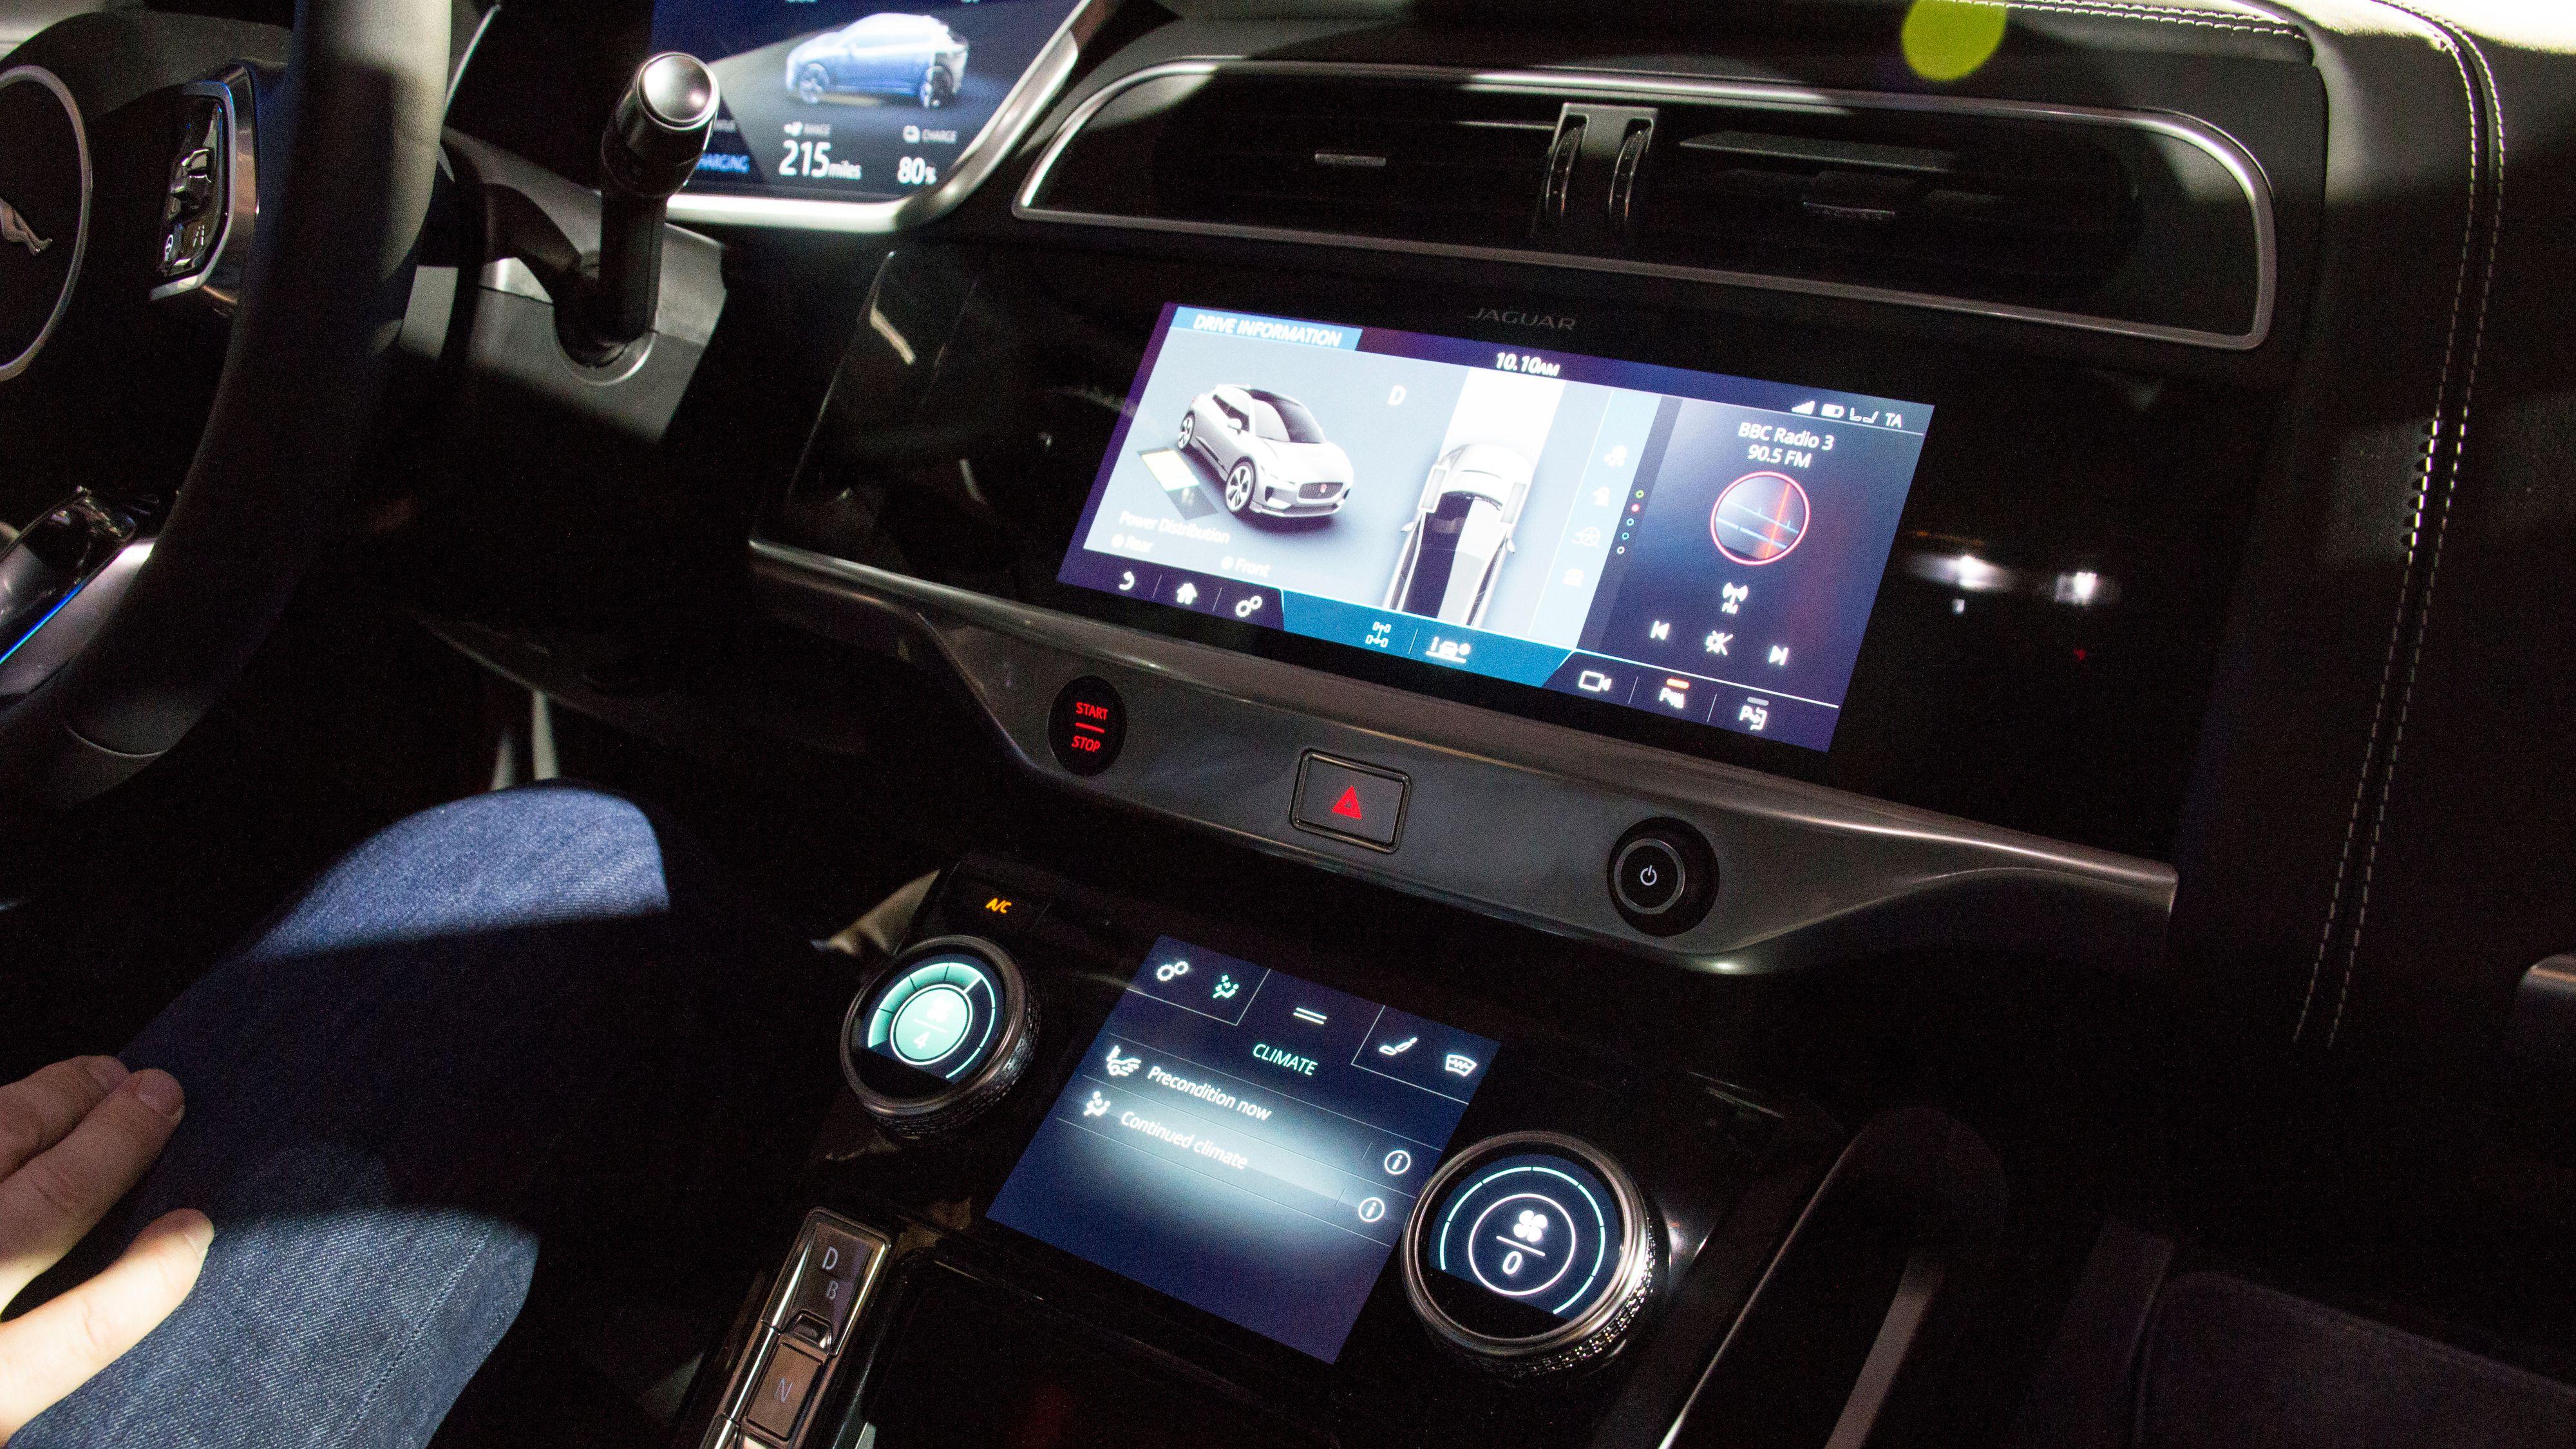 Bilen har to infotainmentskjermer i midtkonsollen, en på 12 tommer og en mindre. Dessuten sitter det en stor skjerm i panelet foran føreren, og heads-up display er mulig å få som tilvalg.